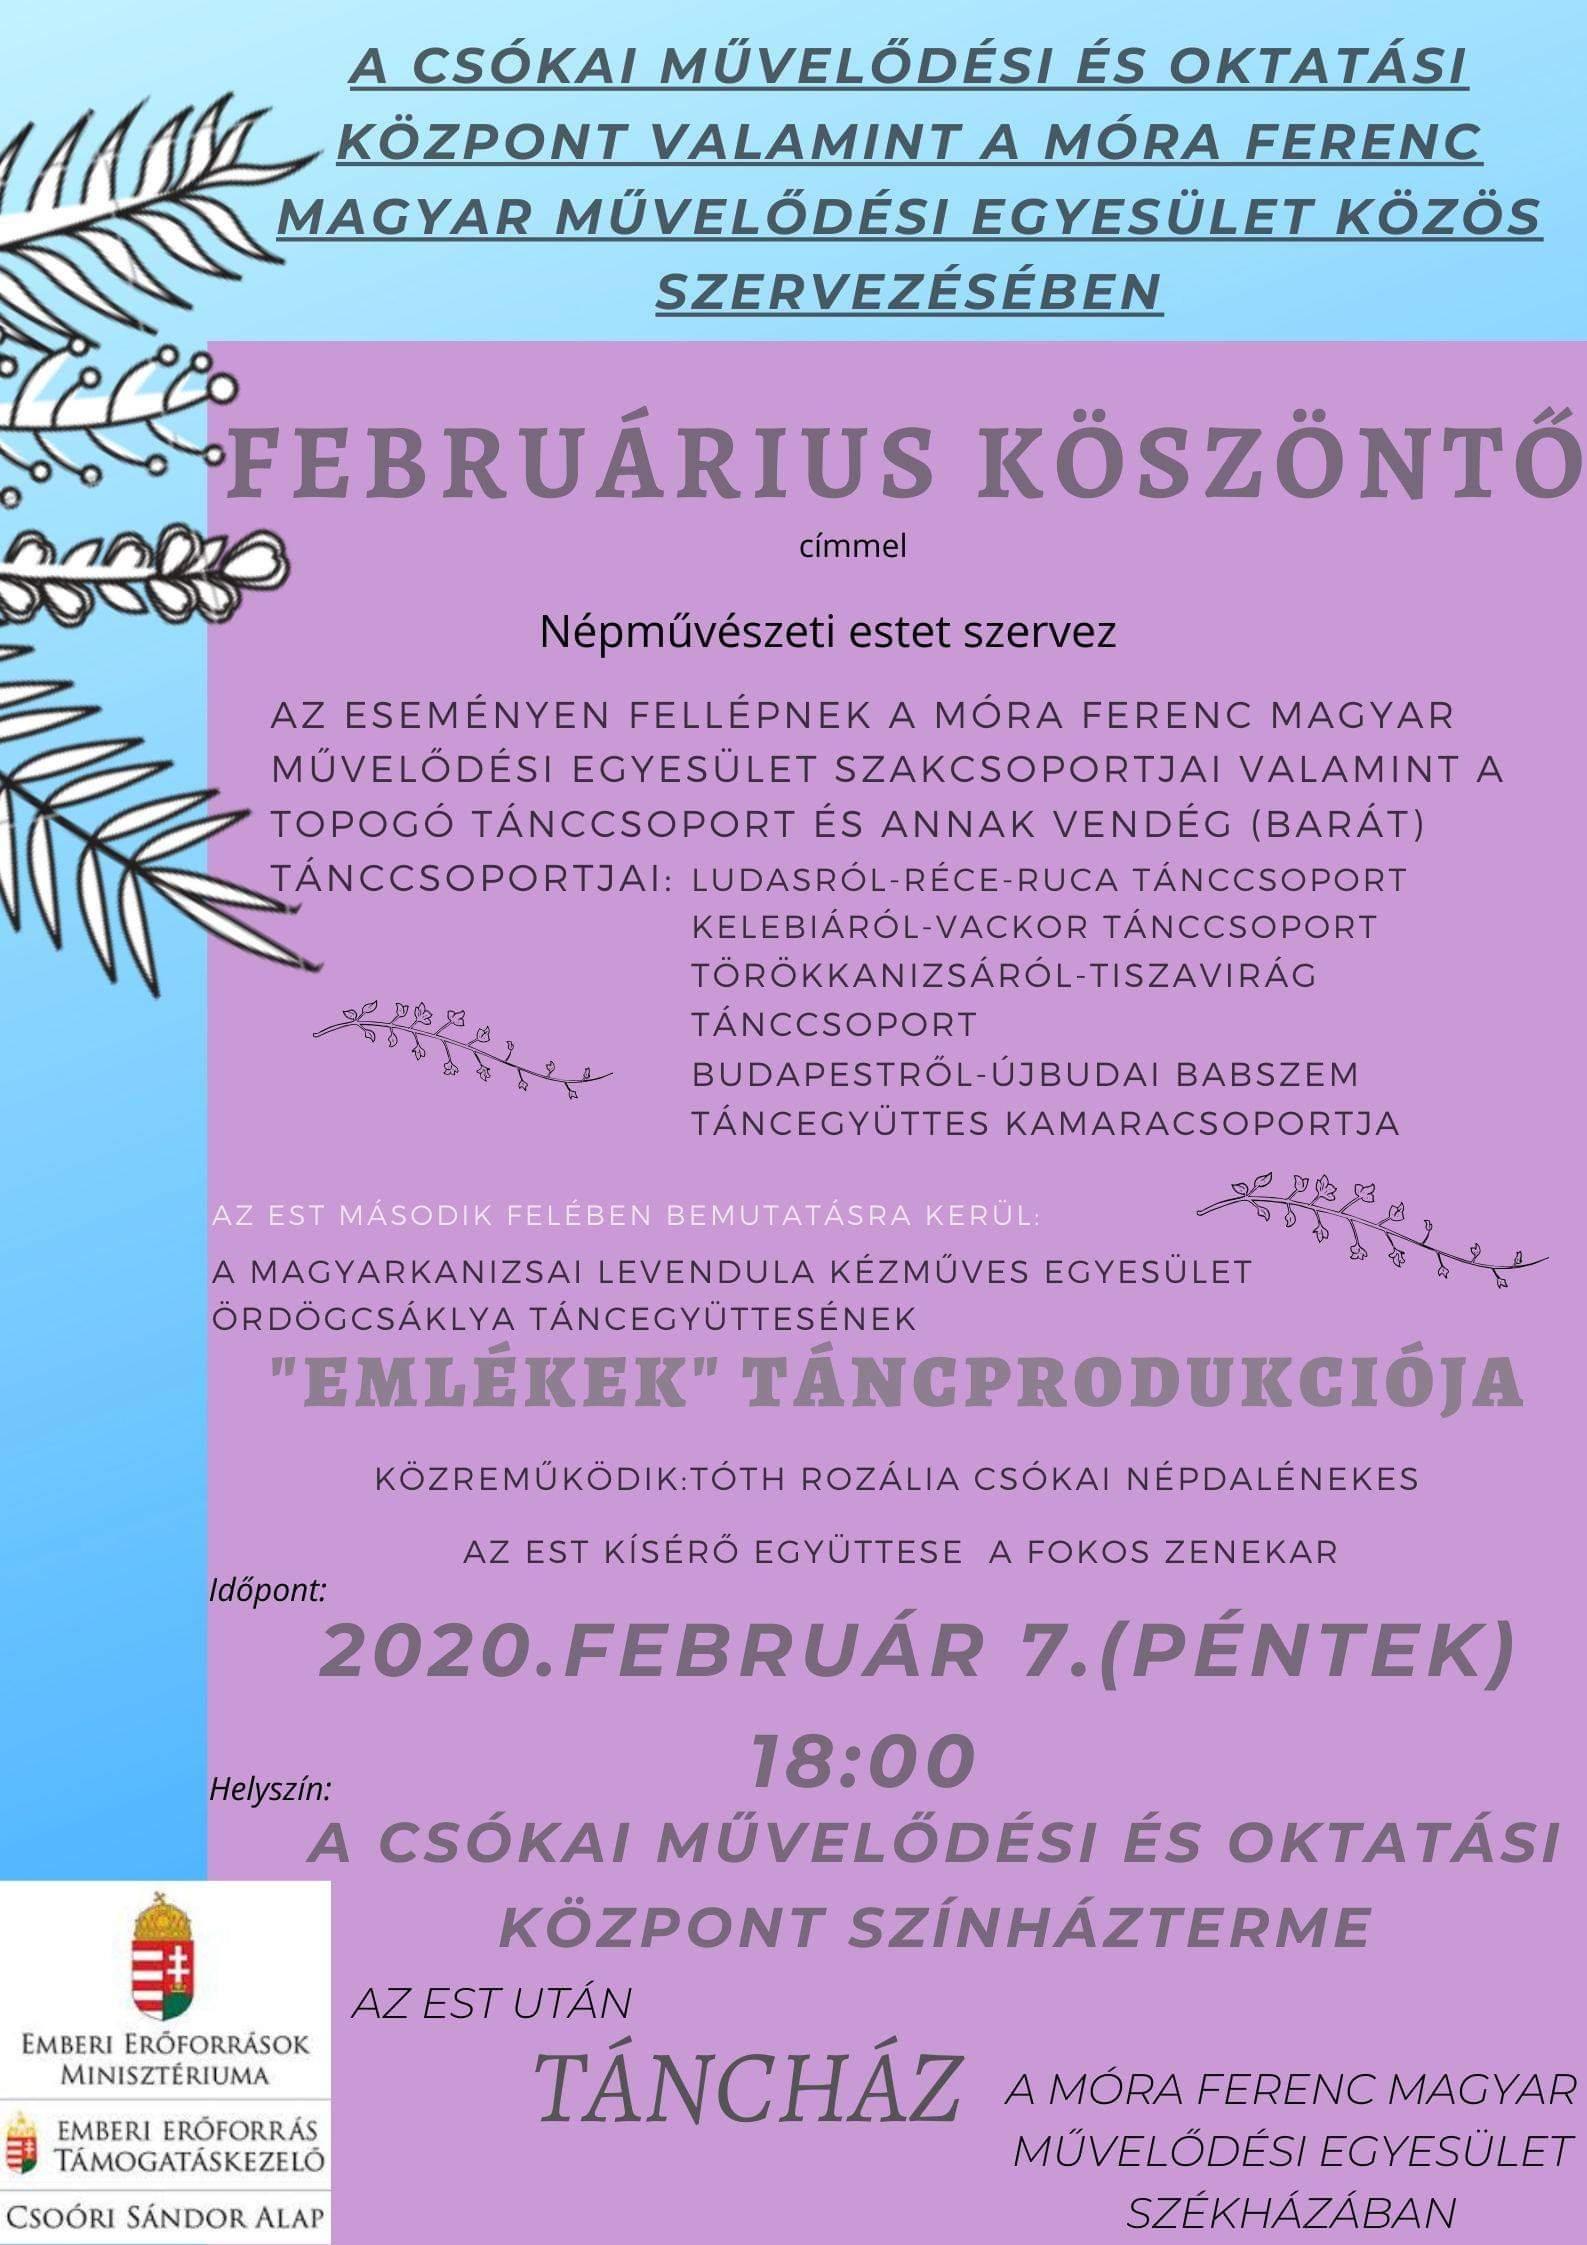 februarius